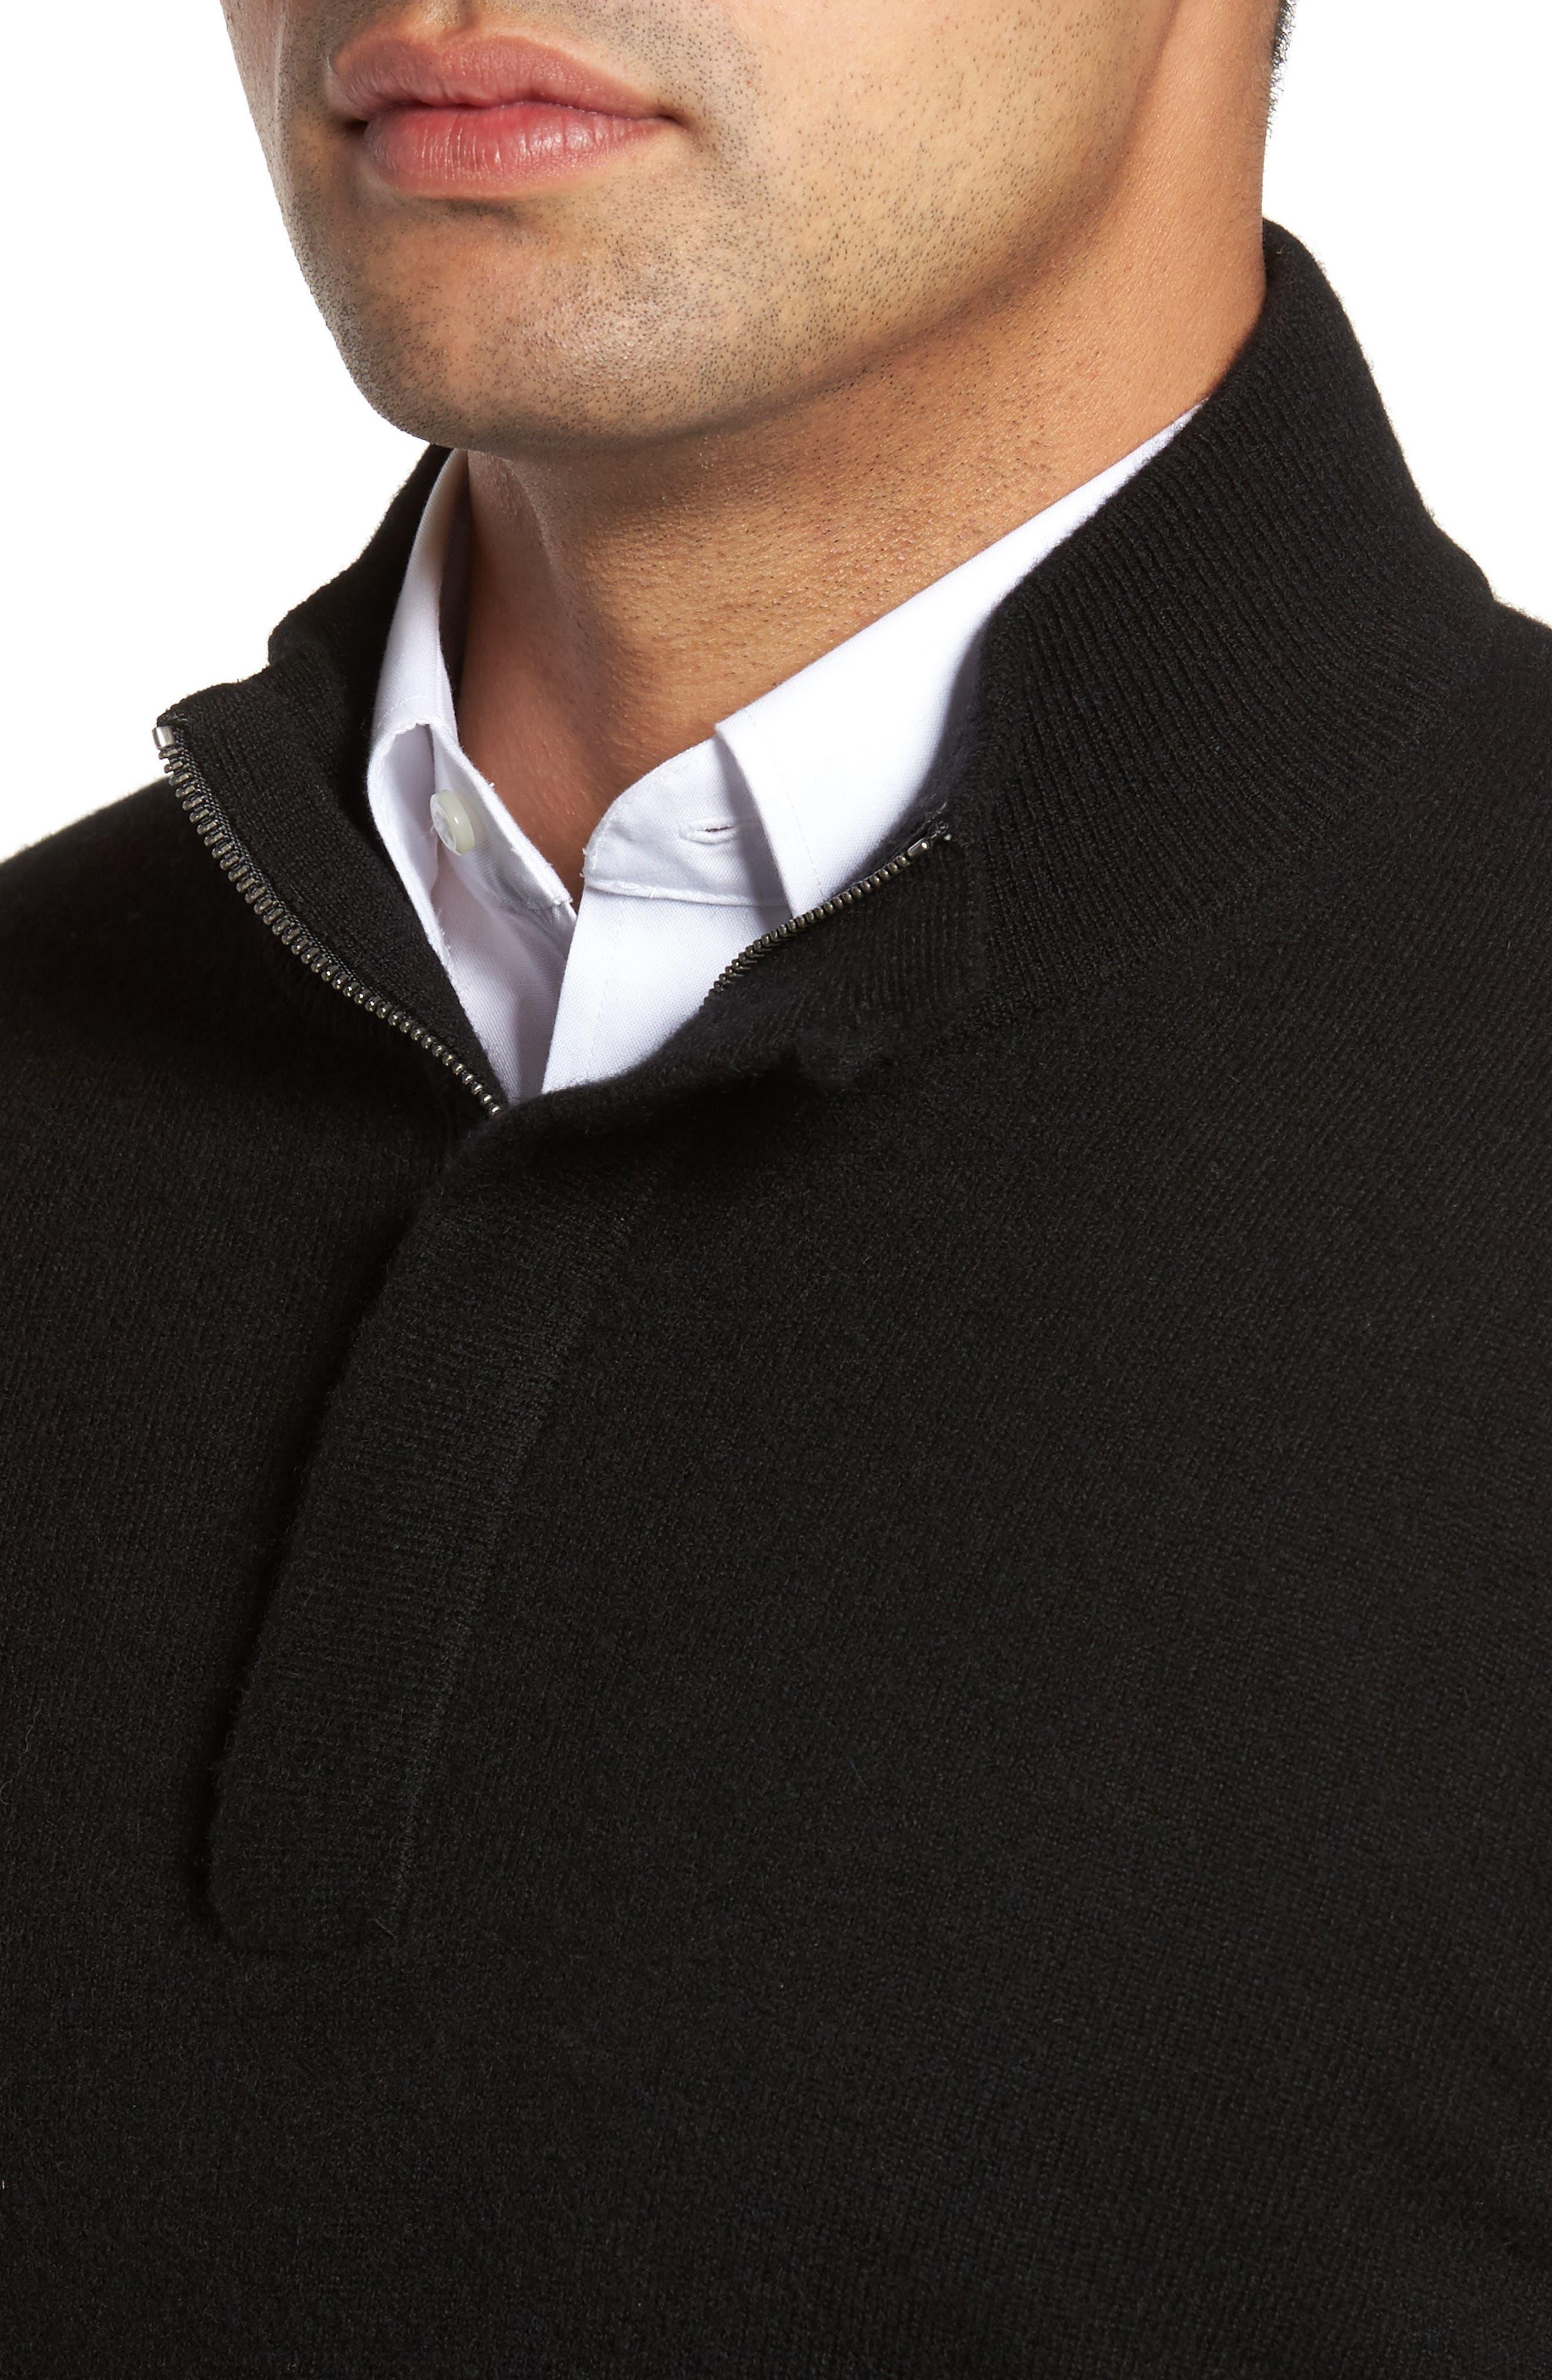 Cashmere Quarter Zip Sweater,                             Alternate thumbnail 19, color,